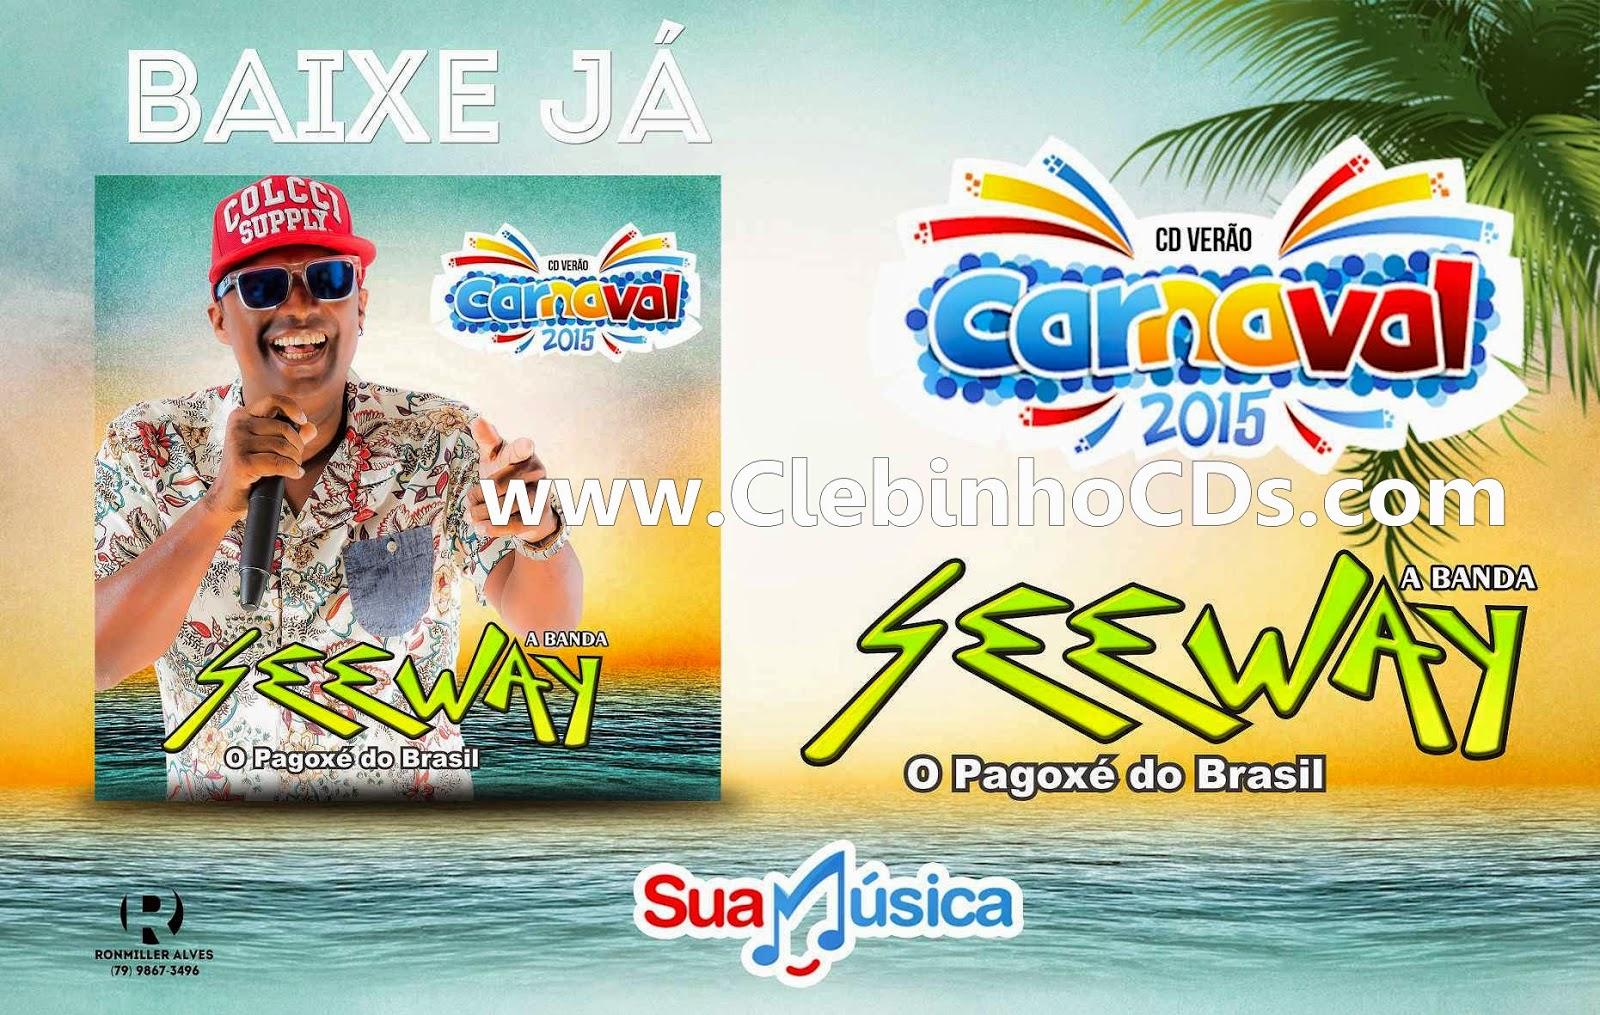 SEEWAY - CD CARNAVAL 2015